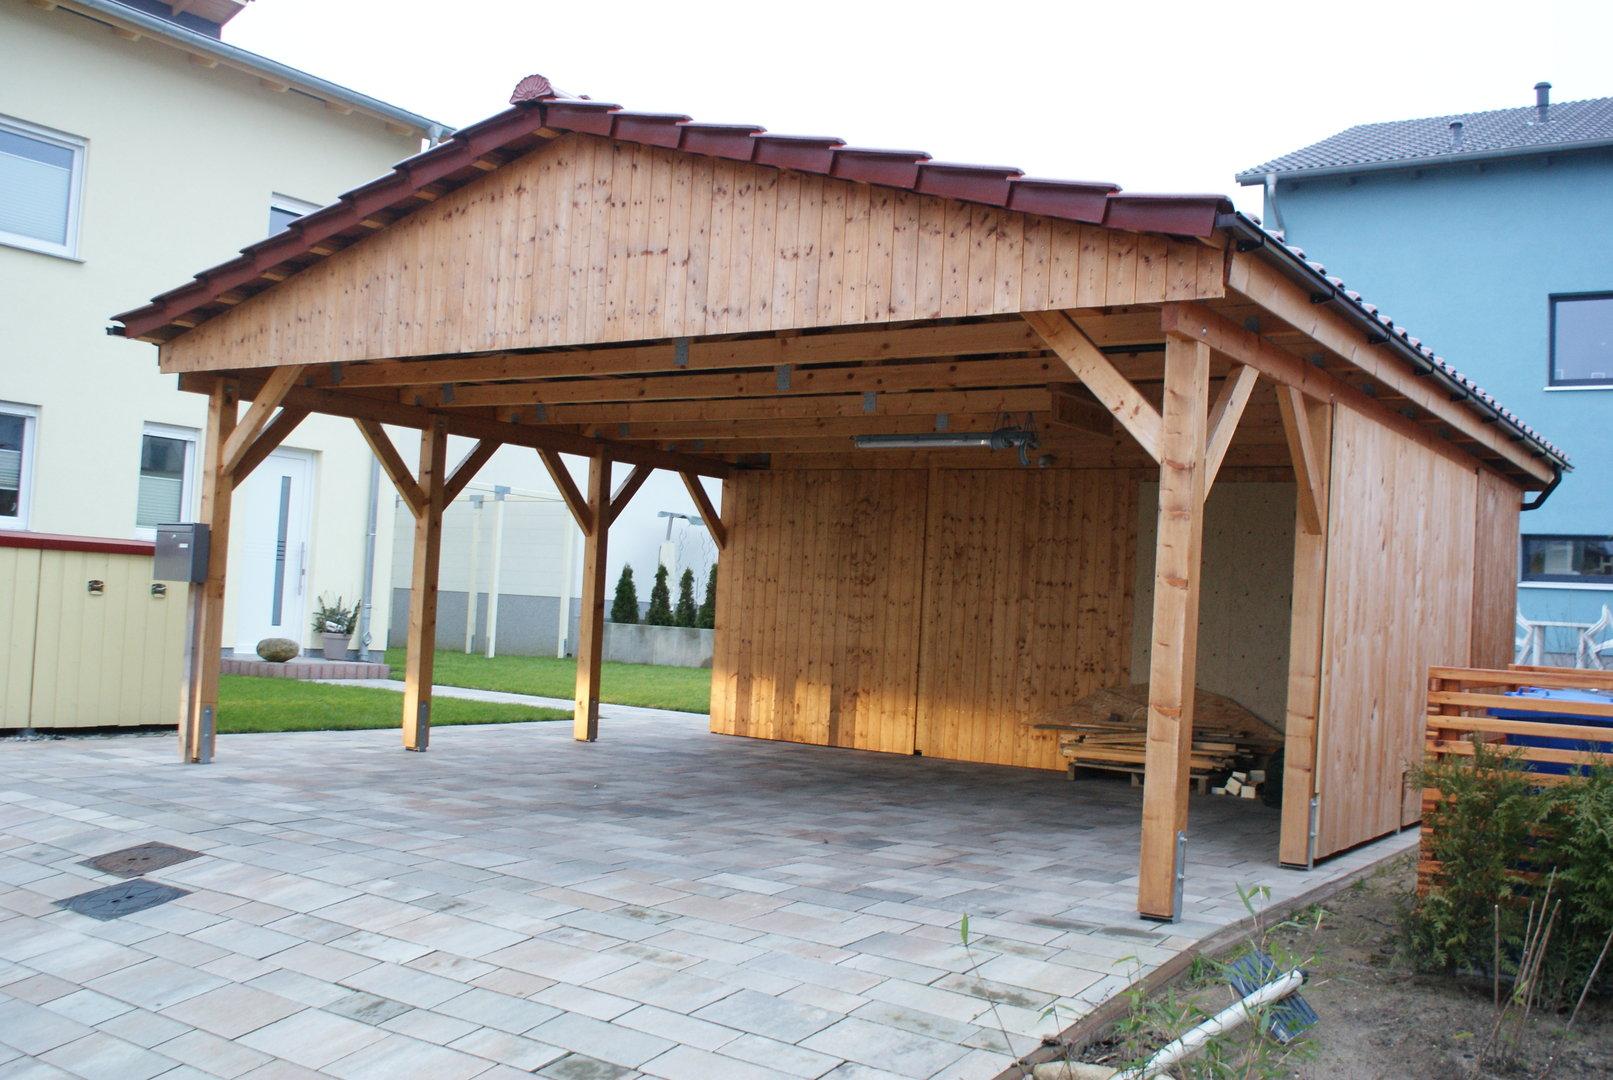 Carport 5,00 x 7,40 m Satteldach 15° Fichte KVH mit Abstellraum